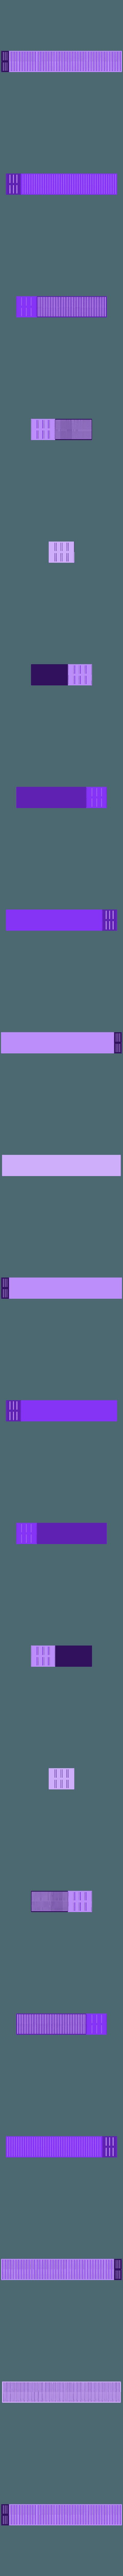 Cargo_Container_45_ft_HC.stl Télécharger fichier STL gratuit Cargo Container Set (Échelle N) • Modèle à imprimer en 3D, MFouillard